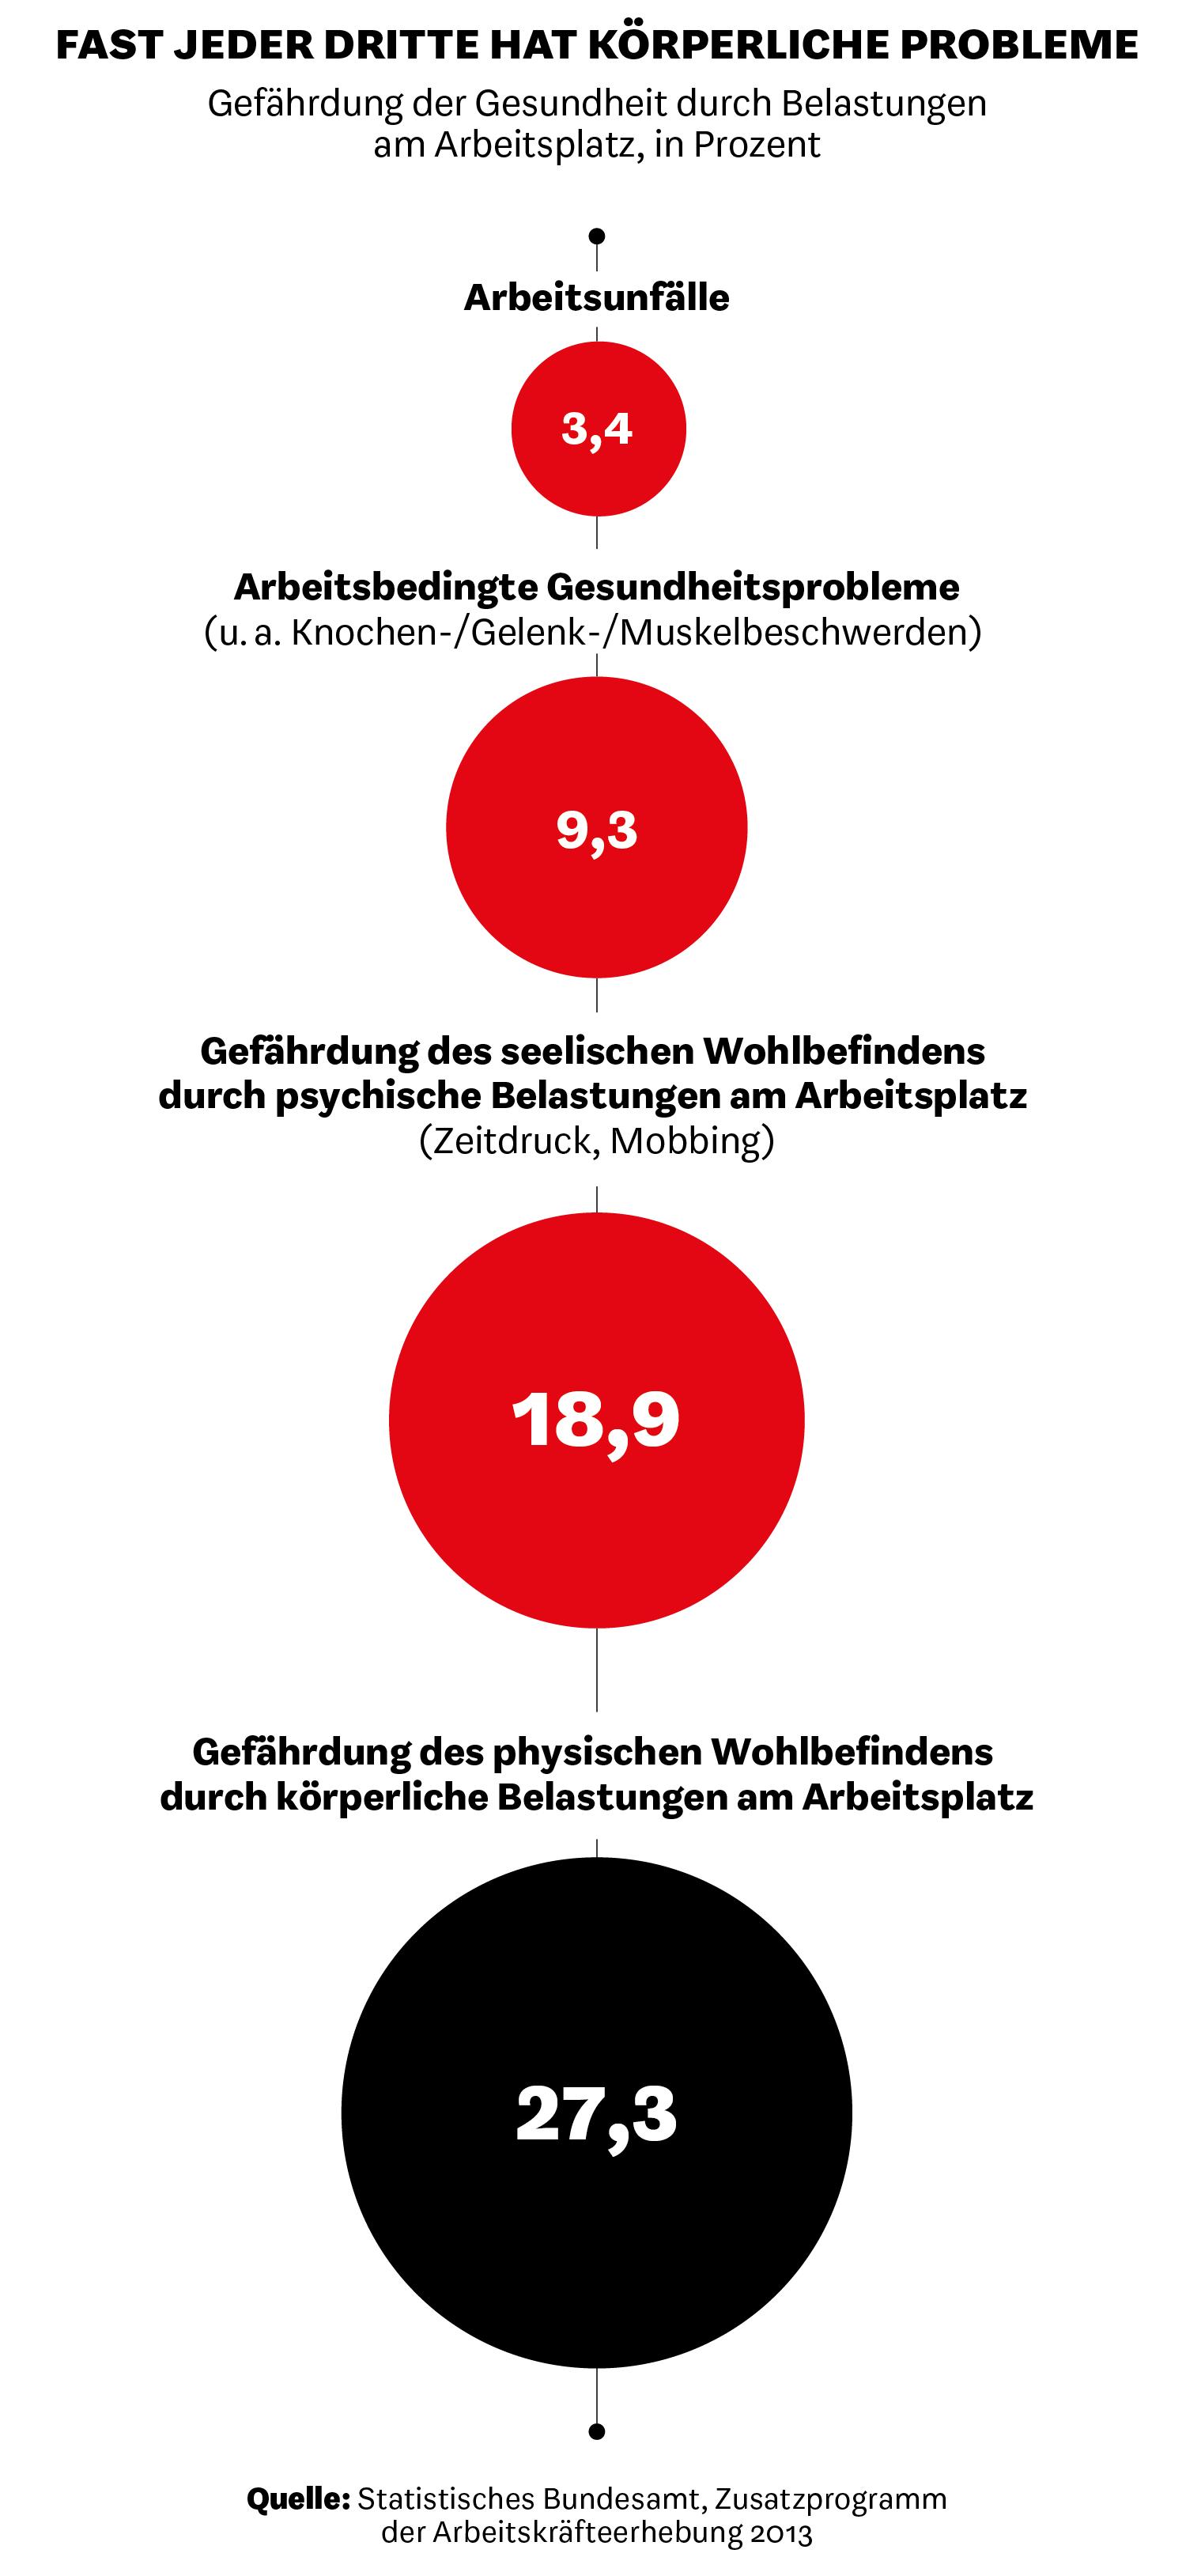 Arbeitsbedingte Gesundheitsprobleme der erwerbstätigen Bevölkerung in Deutschland